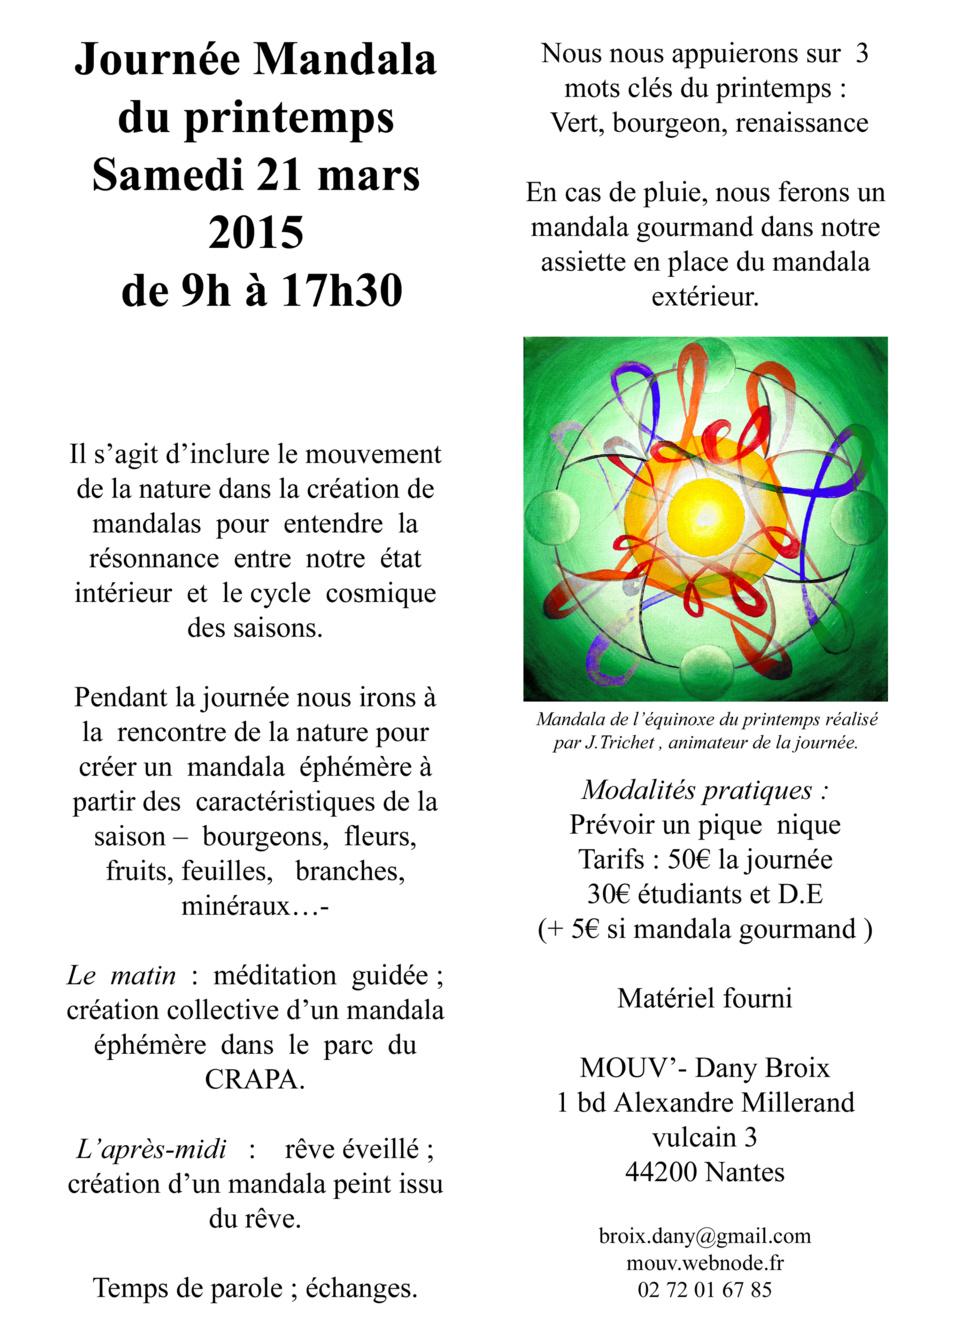 Journée Mandala du Printemps 2015